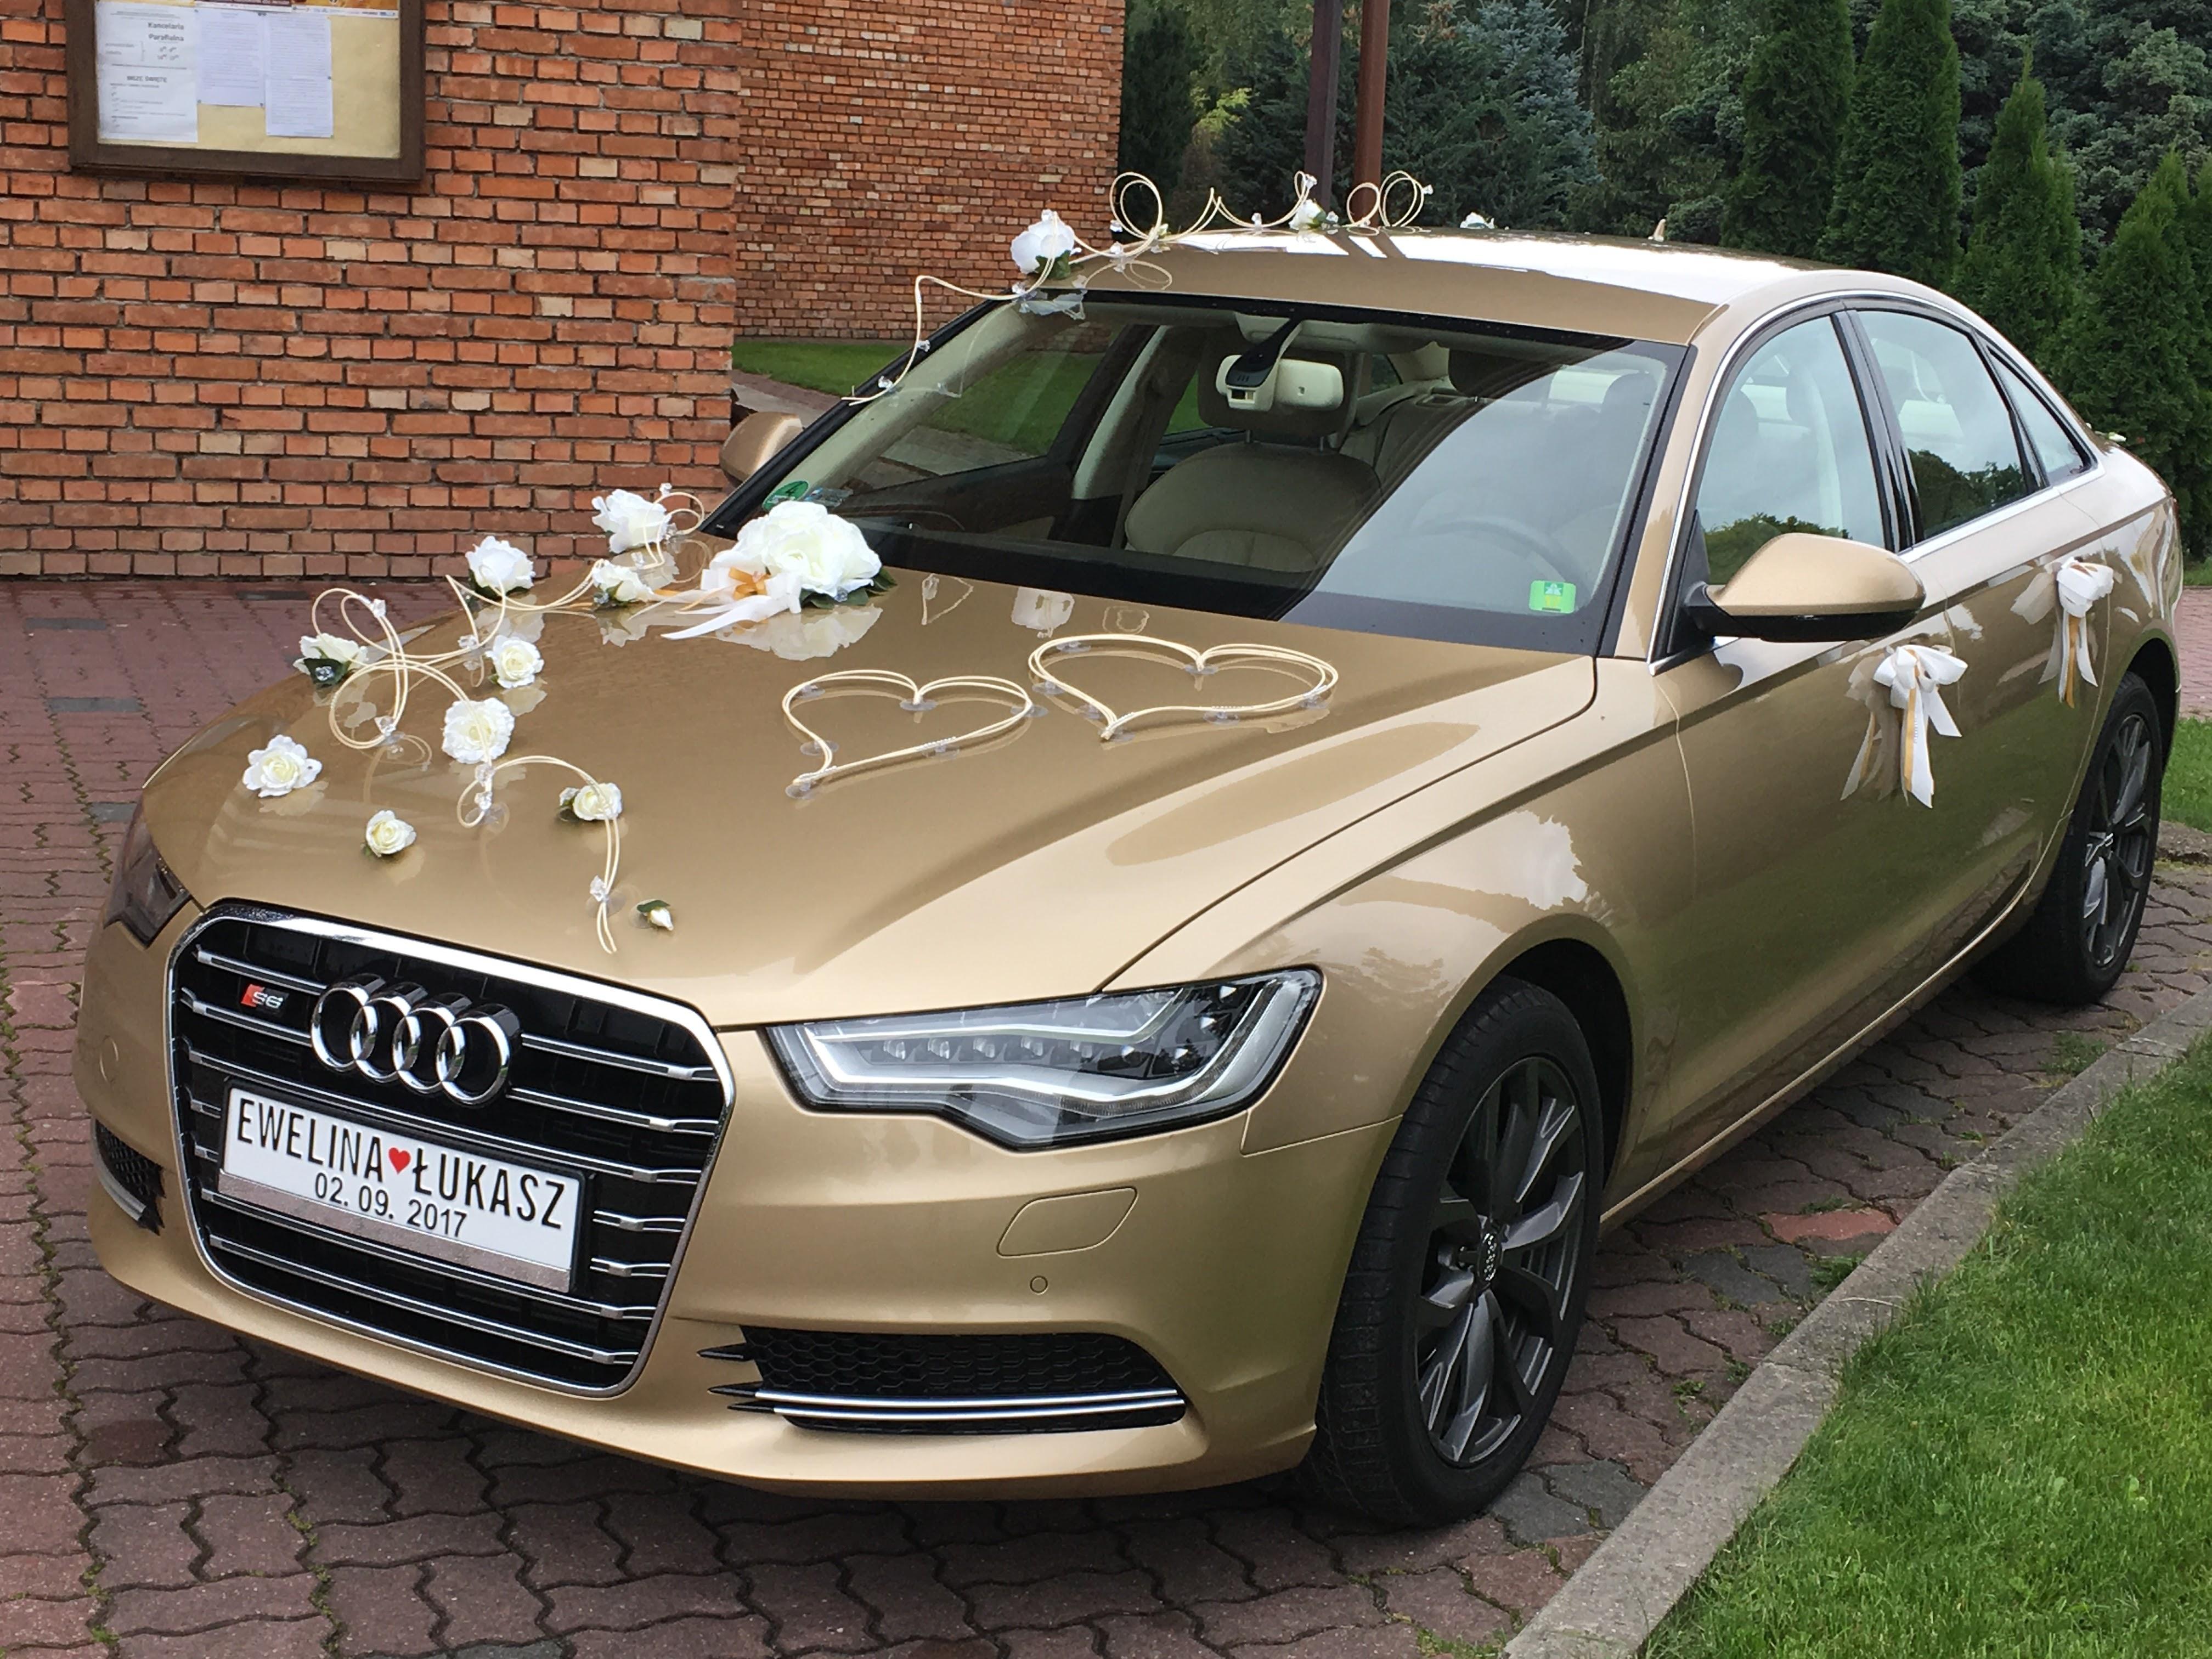 Ogromnie Auto do ślubu Złote Audi A6 - Auto do ślubu Grójec QW08